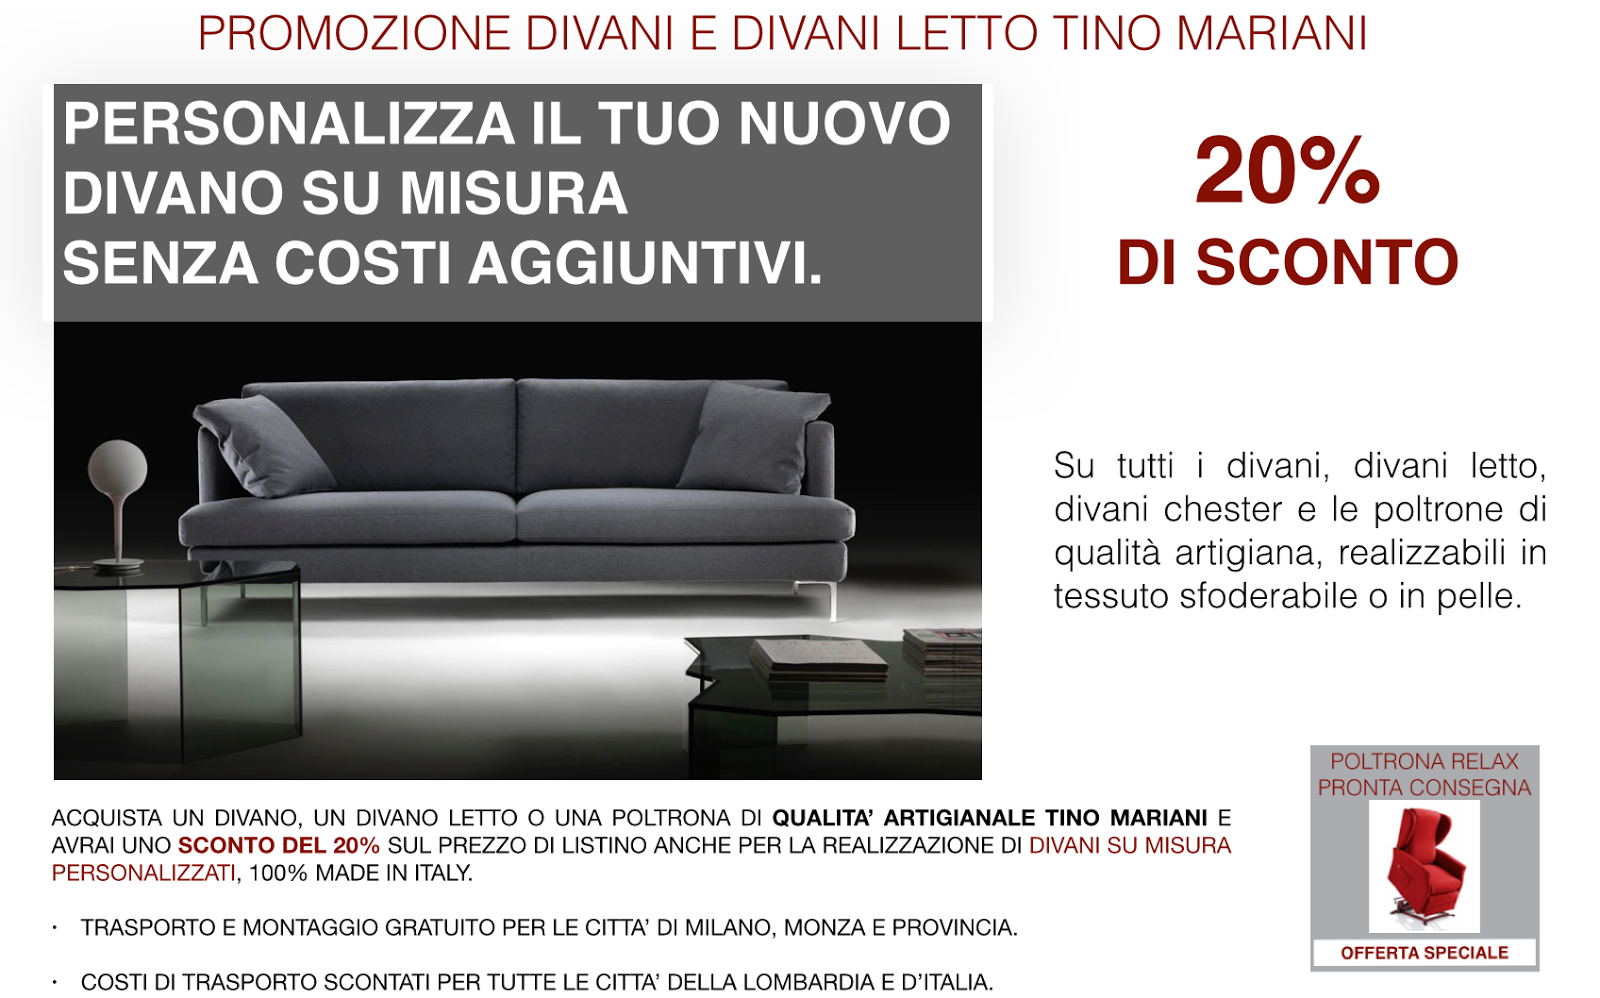 Nuova promozione divani online | Tino Mariani